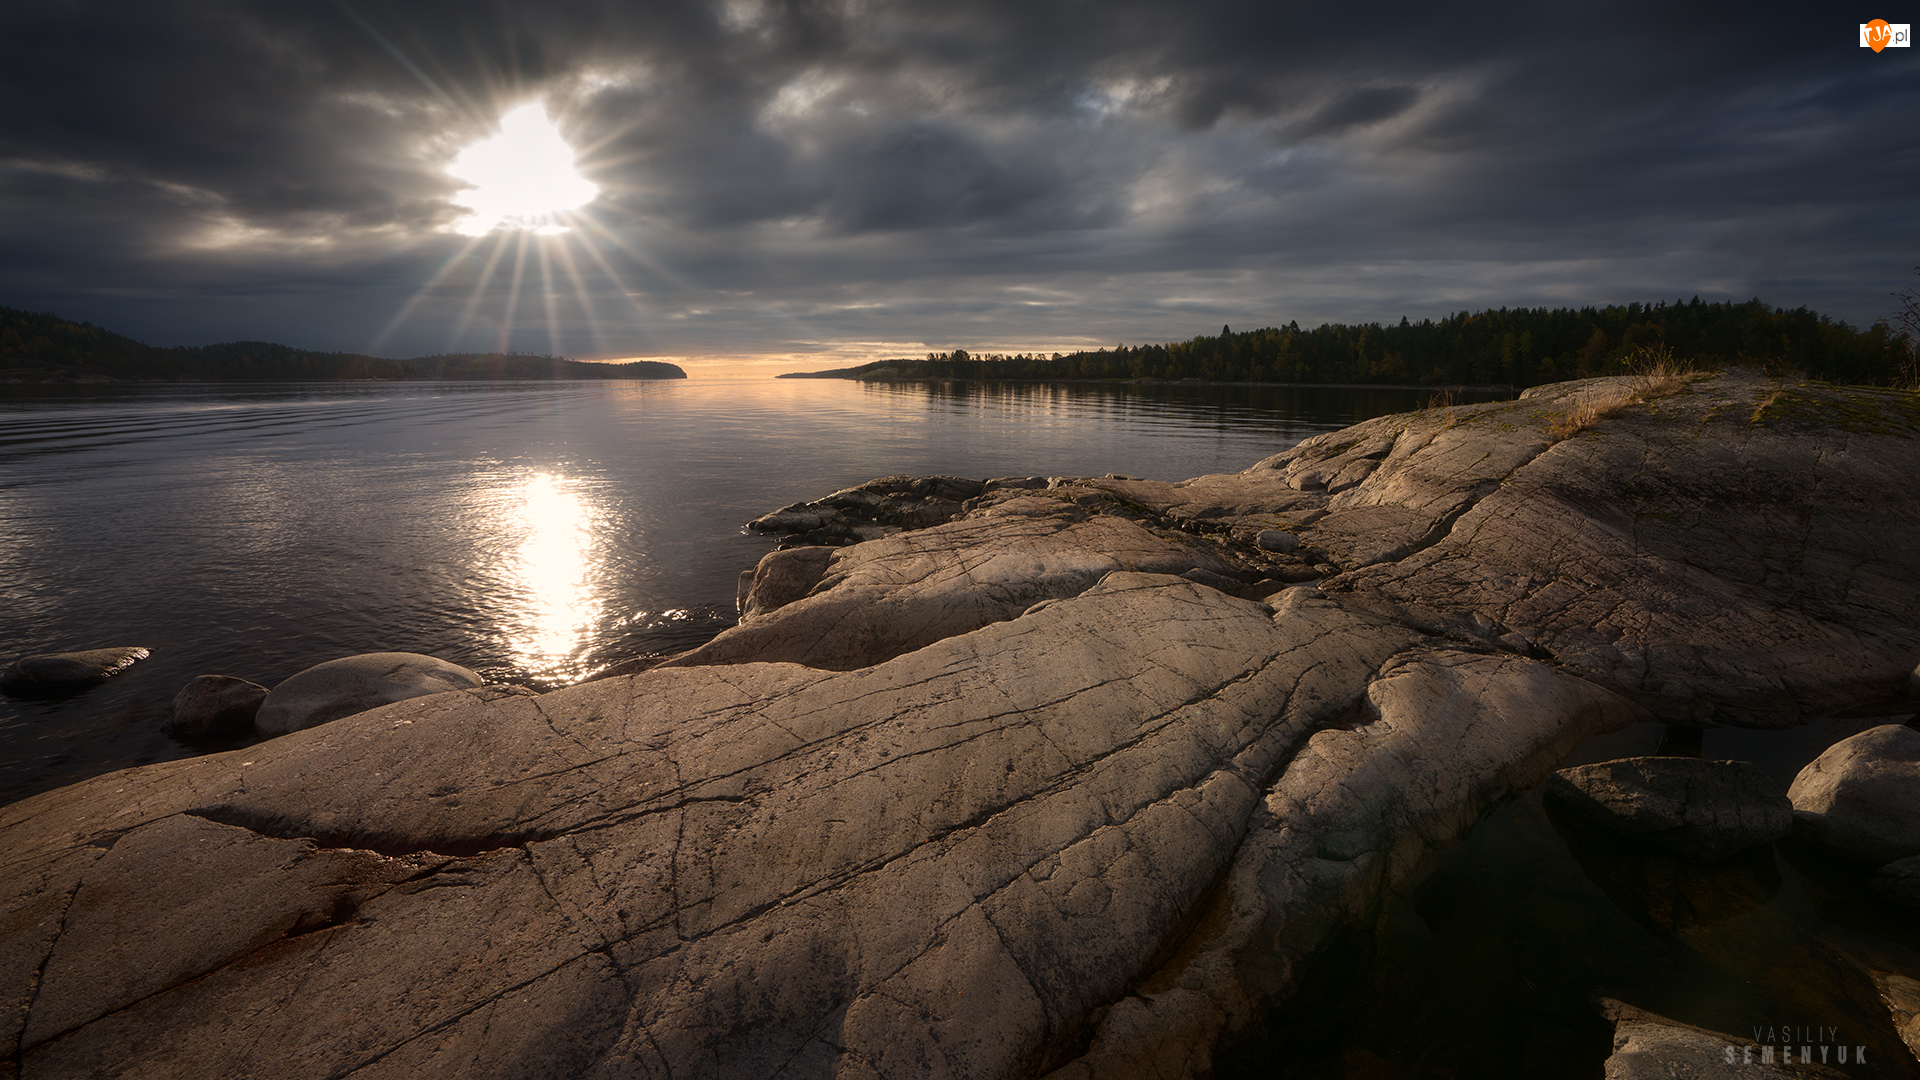 Skały, Ciemne, Rosja, Jezioro Ładoga, Karelia, Wschód słońca, Chmury